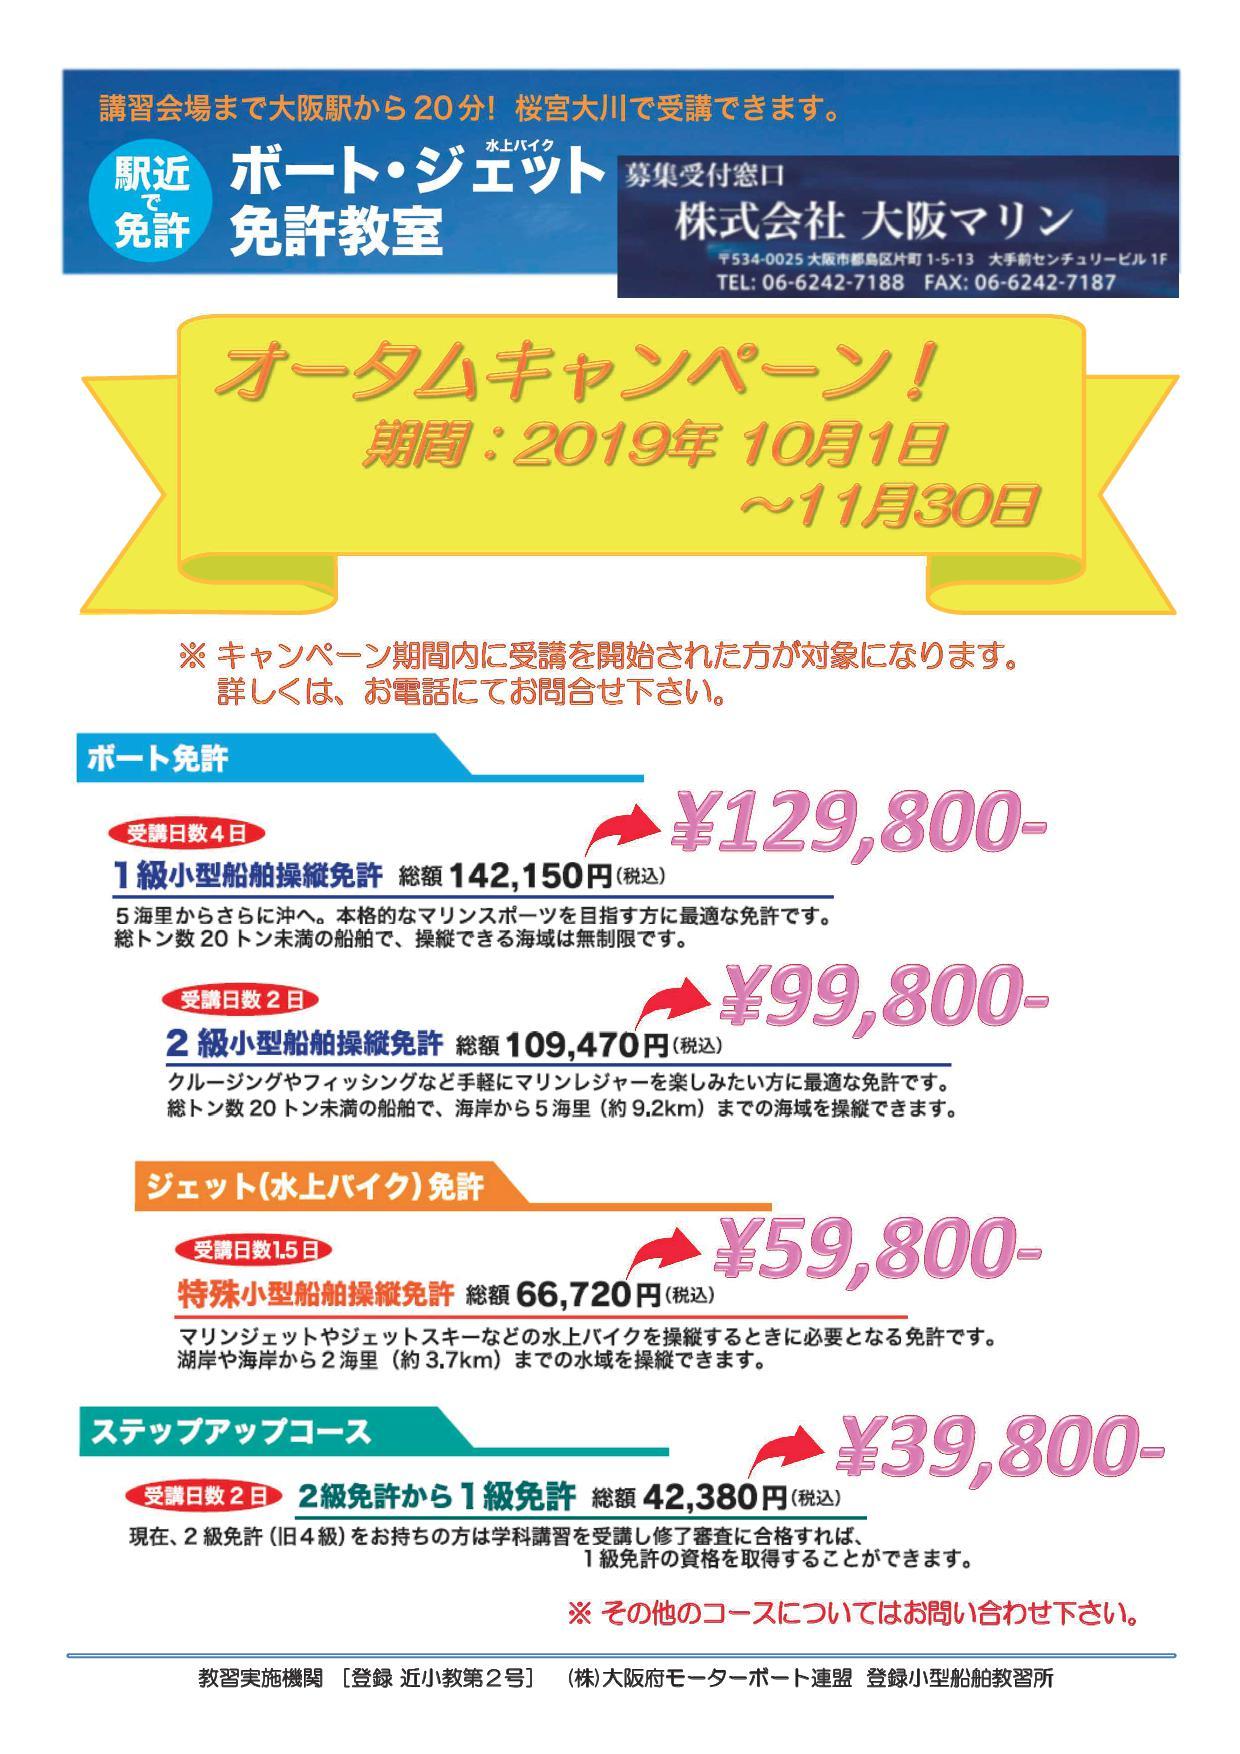 ボート免許教室 オータムキャンペーン実施!!